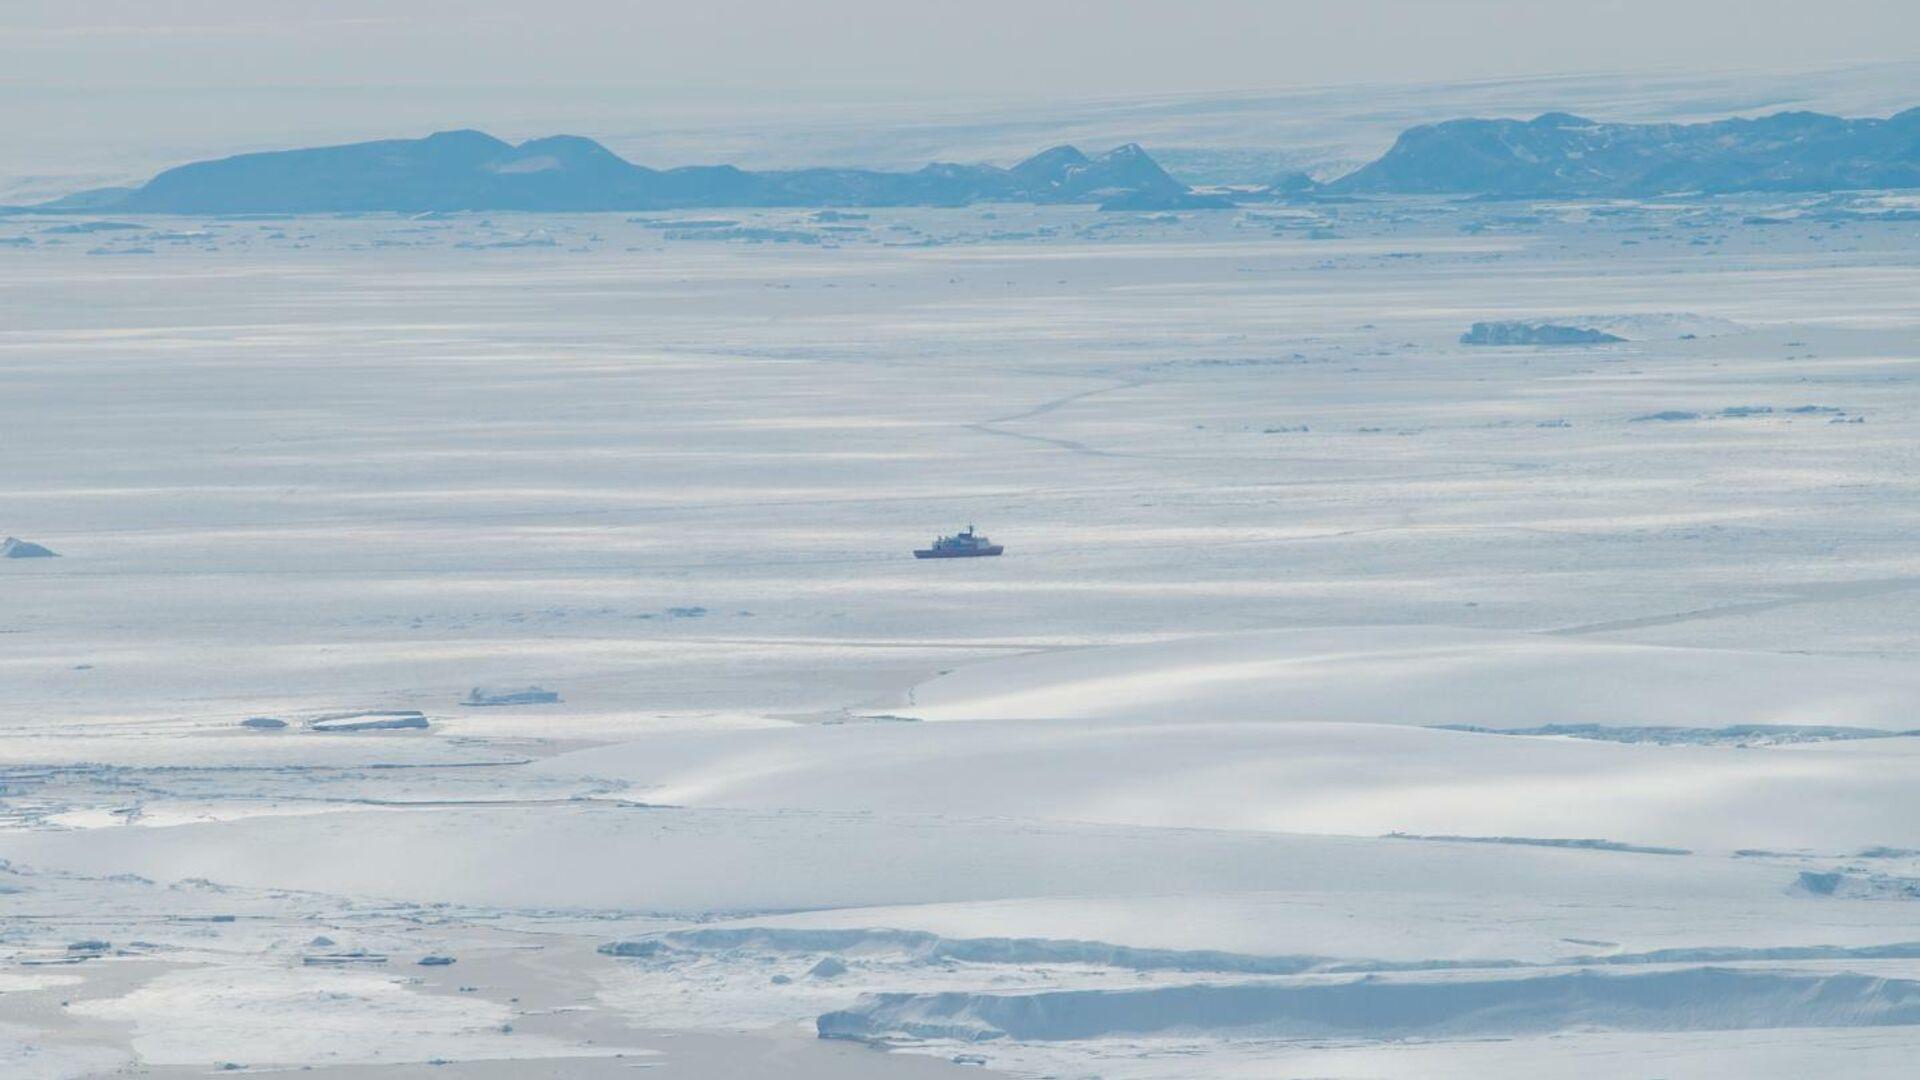 Японский ледокол Сирасэ у оконечности ледника Сирасэ во время 58-й Японской антарктической экспедиции - РИА Новости, 1920, 24.08.2020